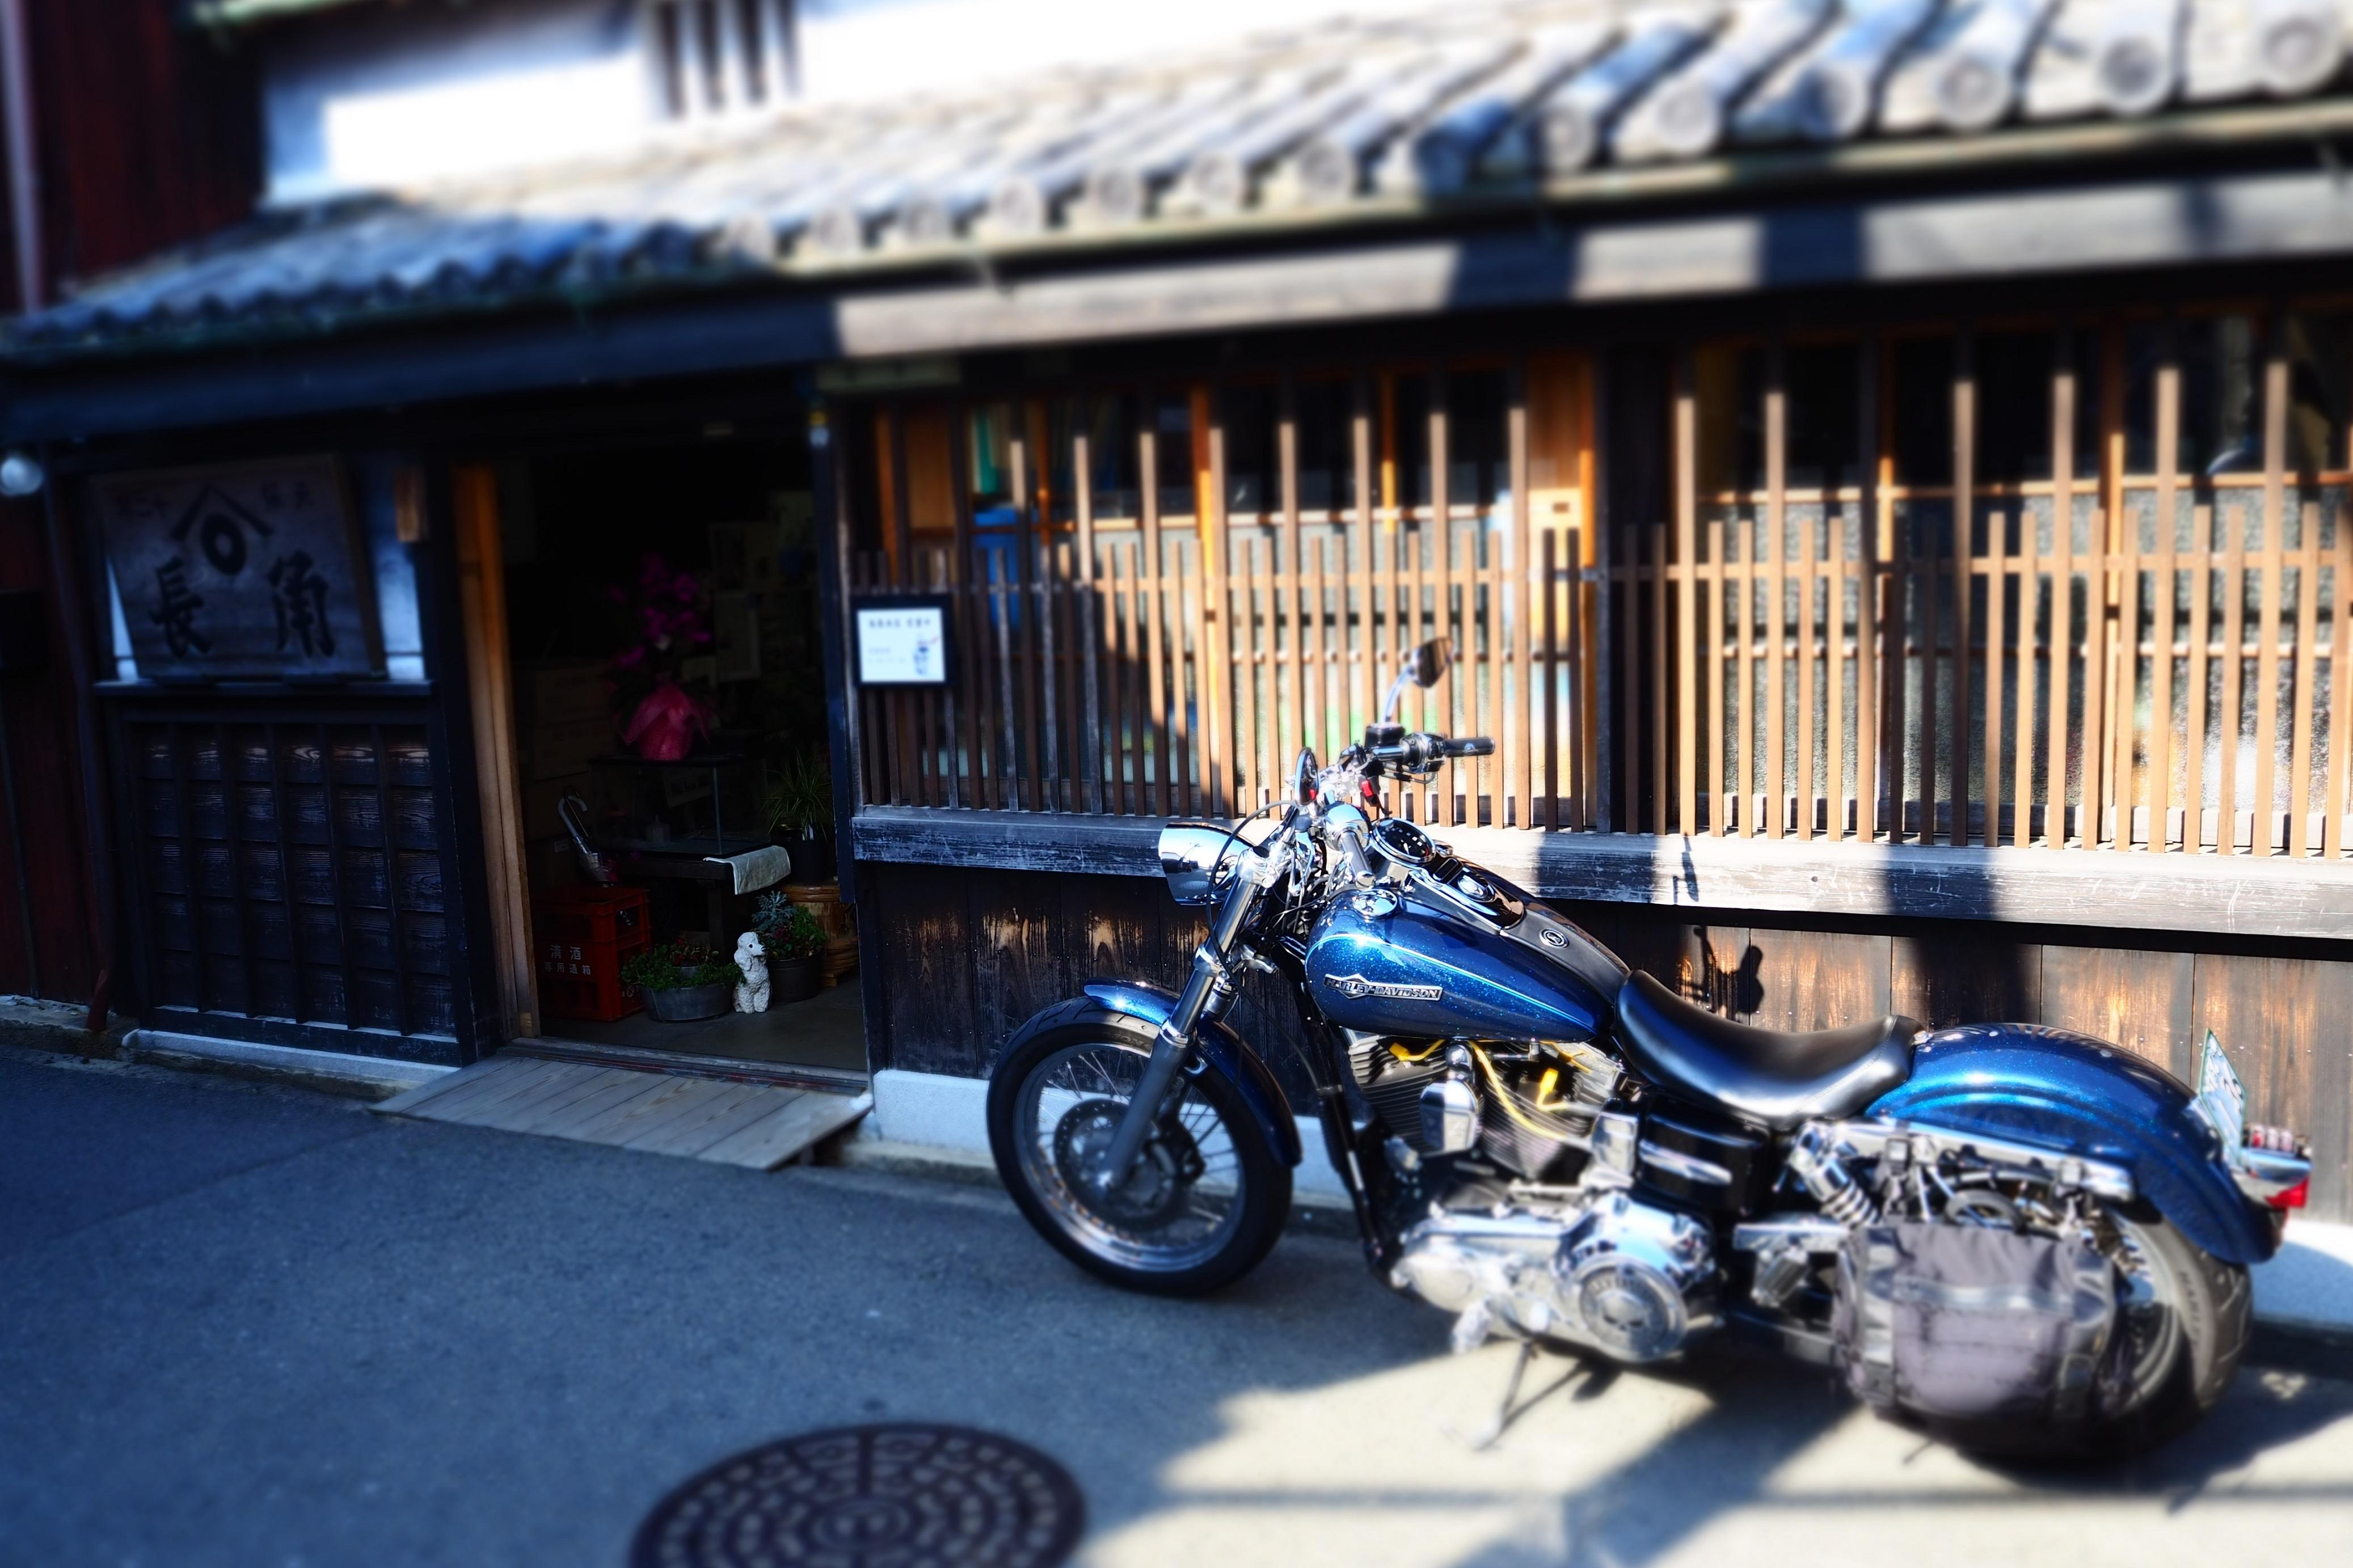 ぴーきち&ダイナ 和歌山湯浅ツーリング 湯浅町重要伝統的建造物群保存地区 角長 店舗